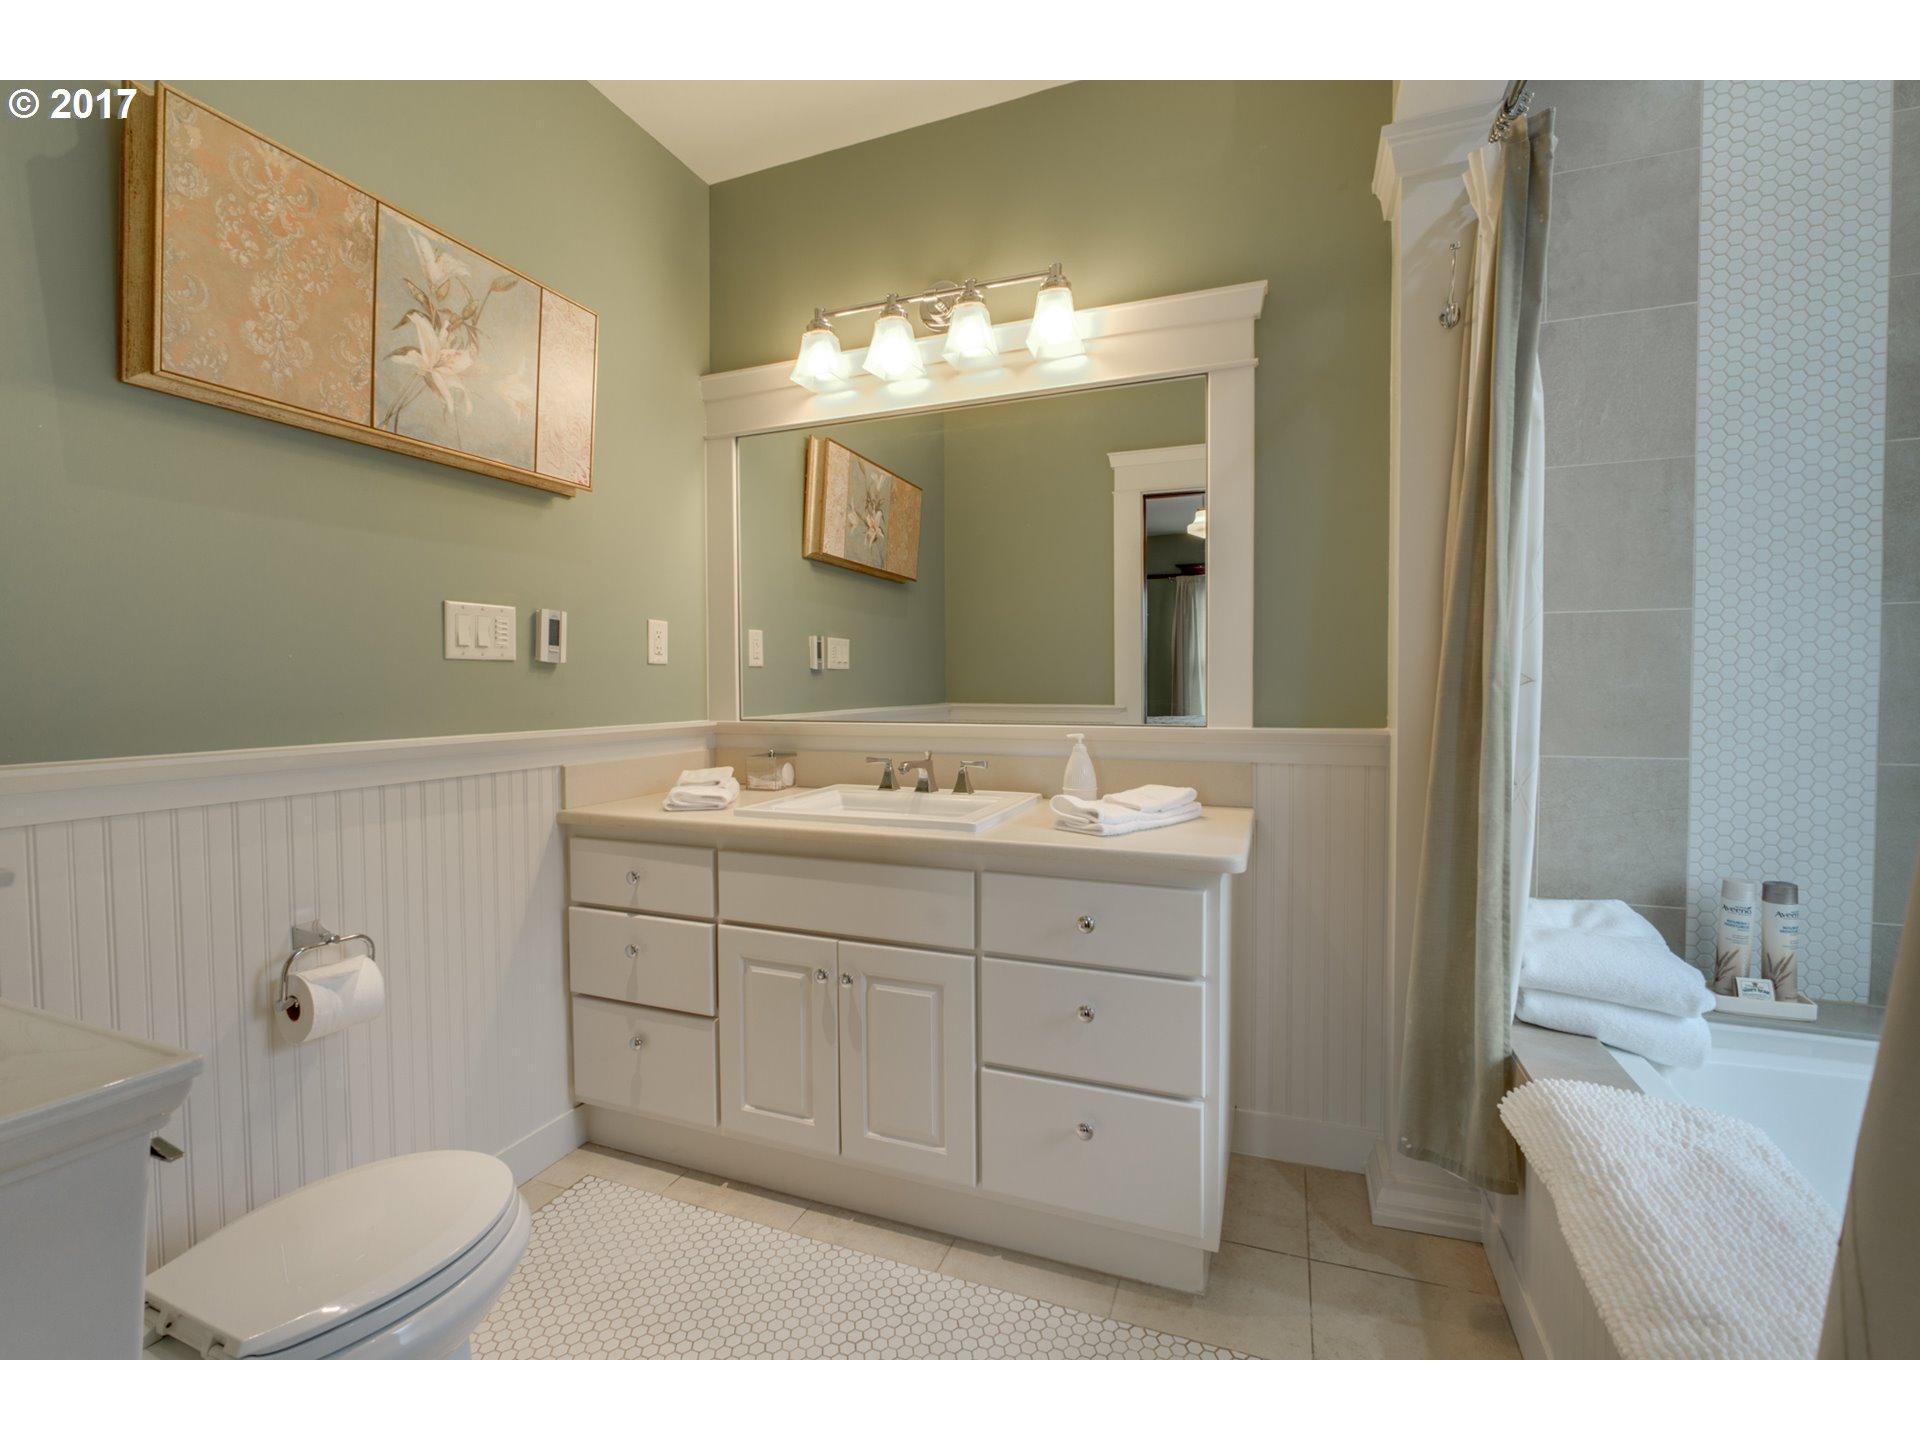 401 N HOWARD ST Newberg, OR 97132 - MLS #: 17292509